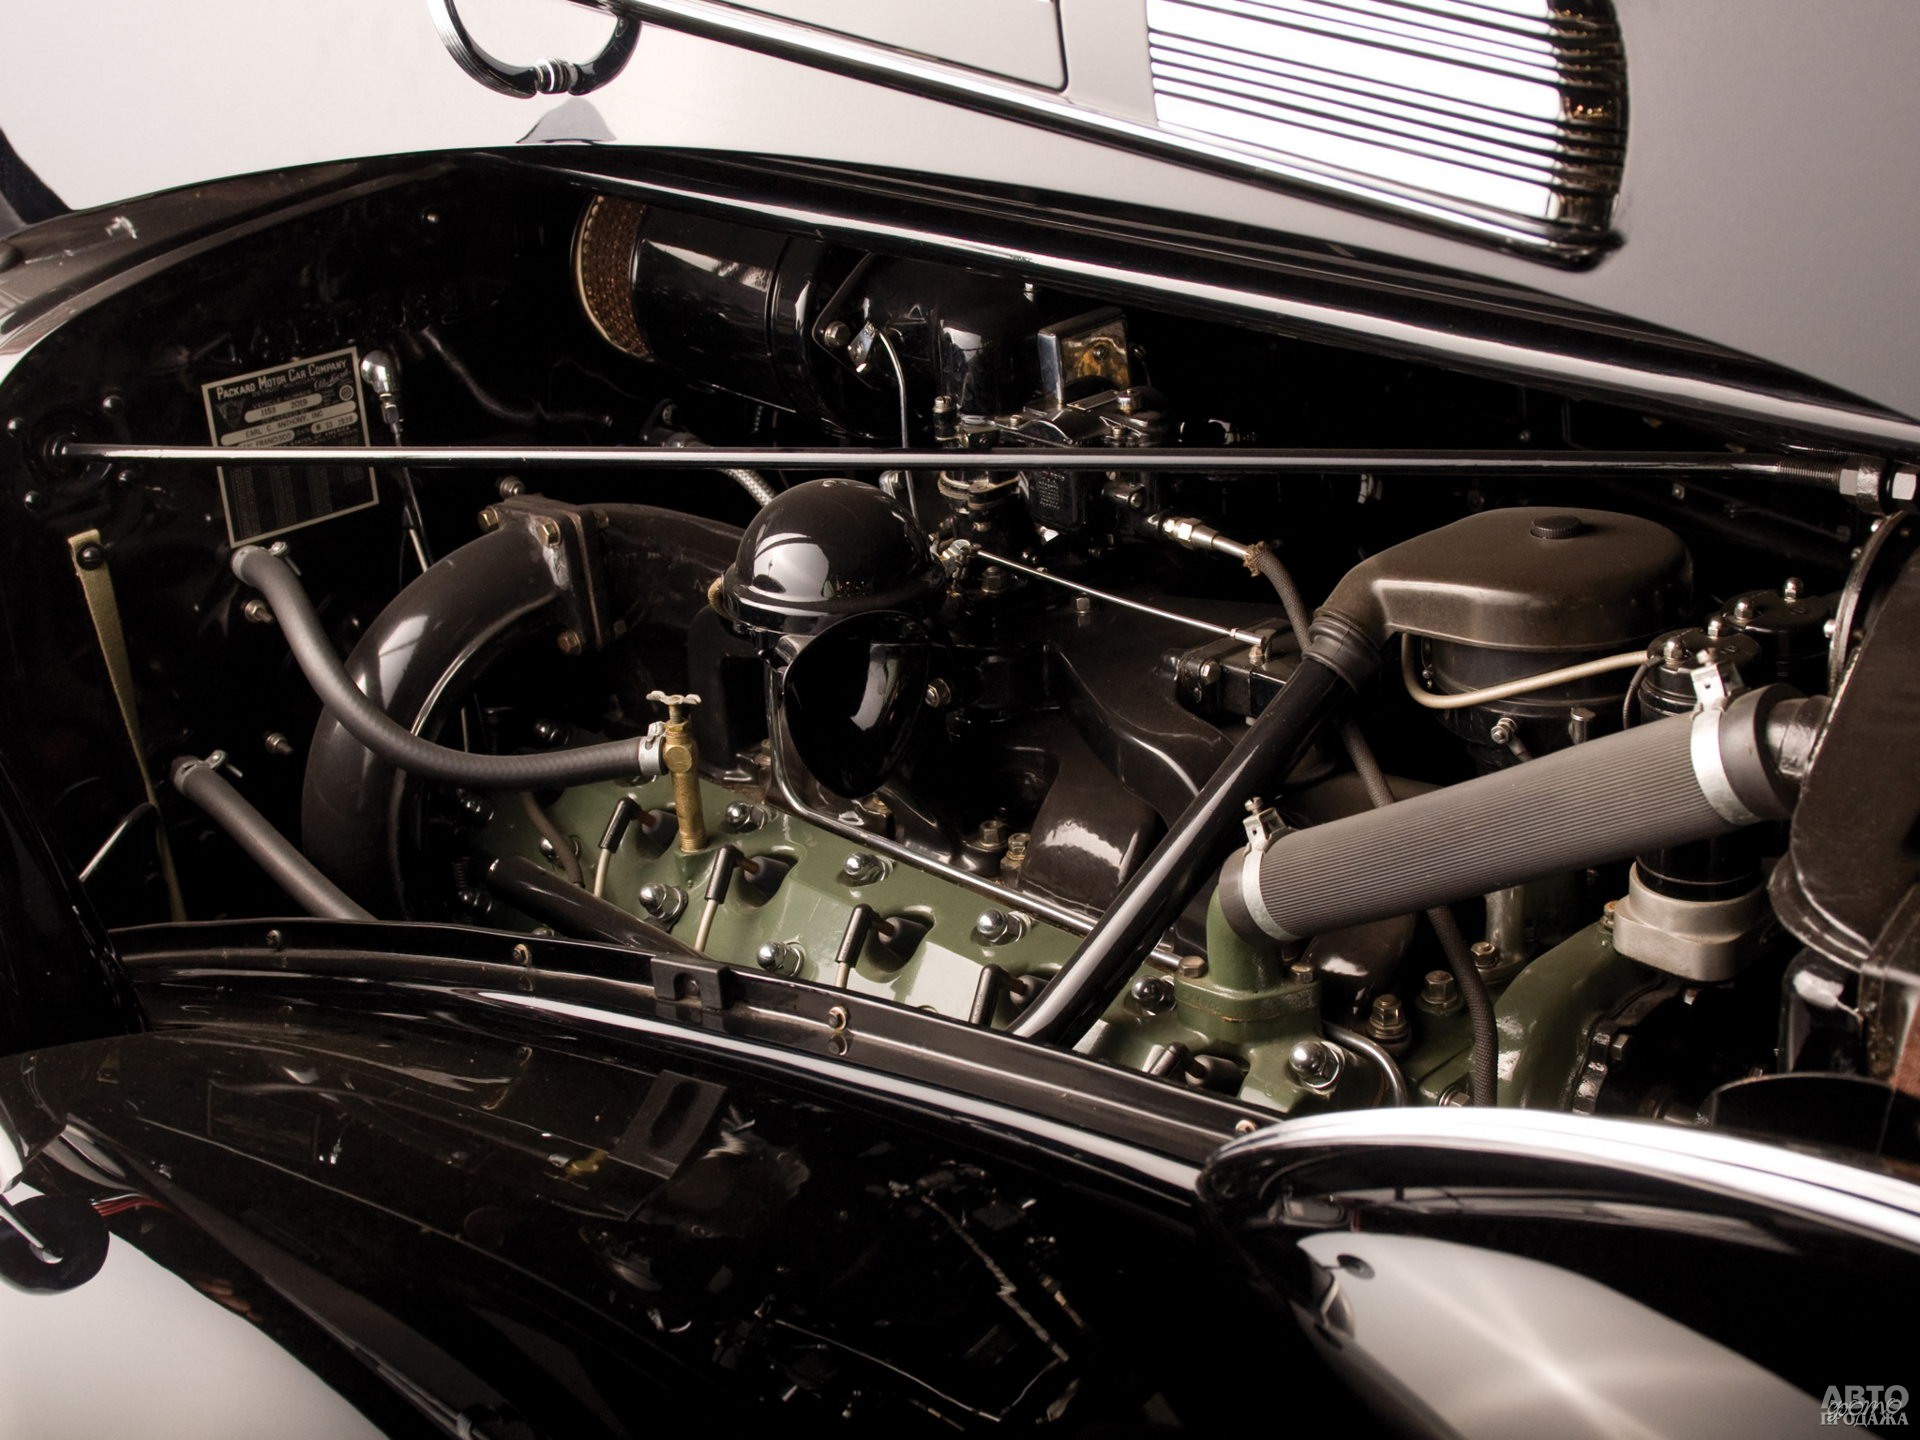 В конце 30-х годов объем двигателя достиг 7,7 л, а мощность выросла до 175 л. с.